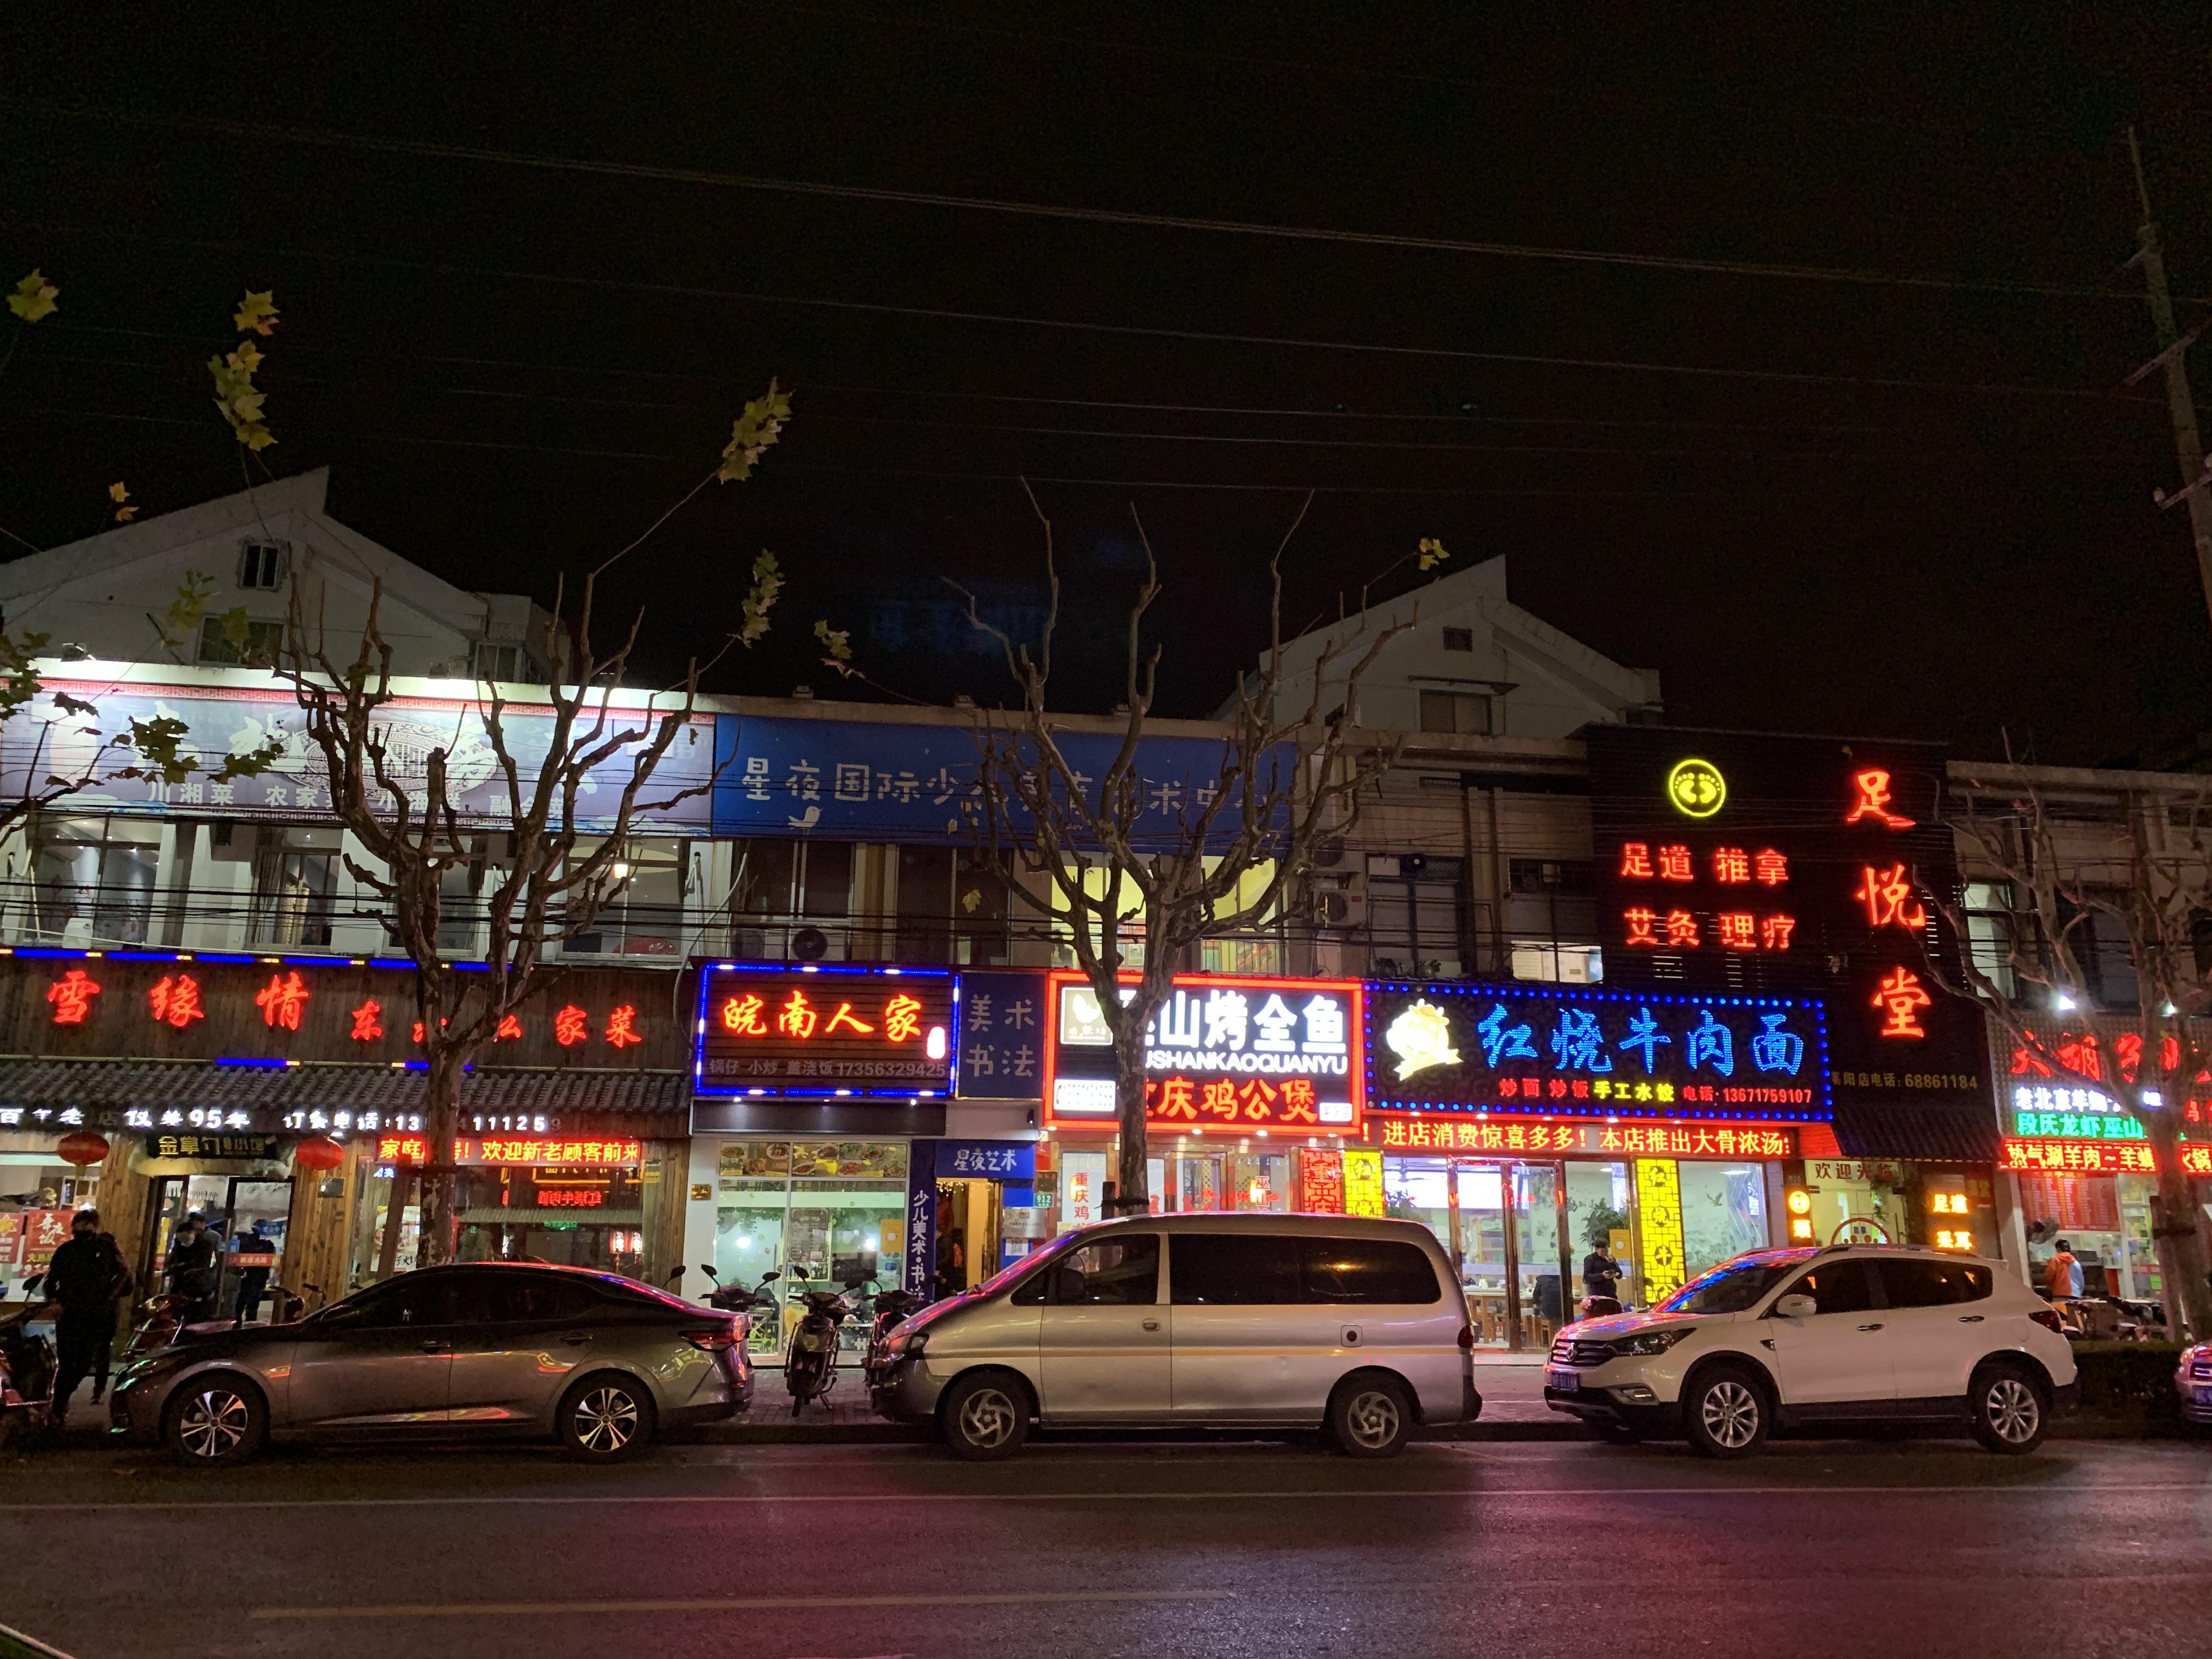 浦东金桥麻辣烫混沌水饺面条炸鸡店转让实景图片